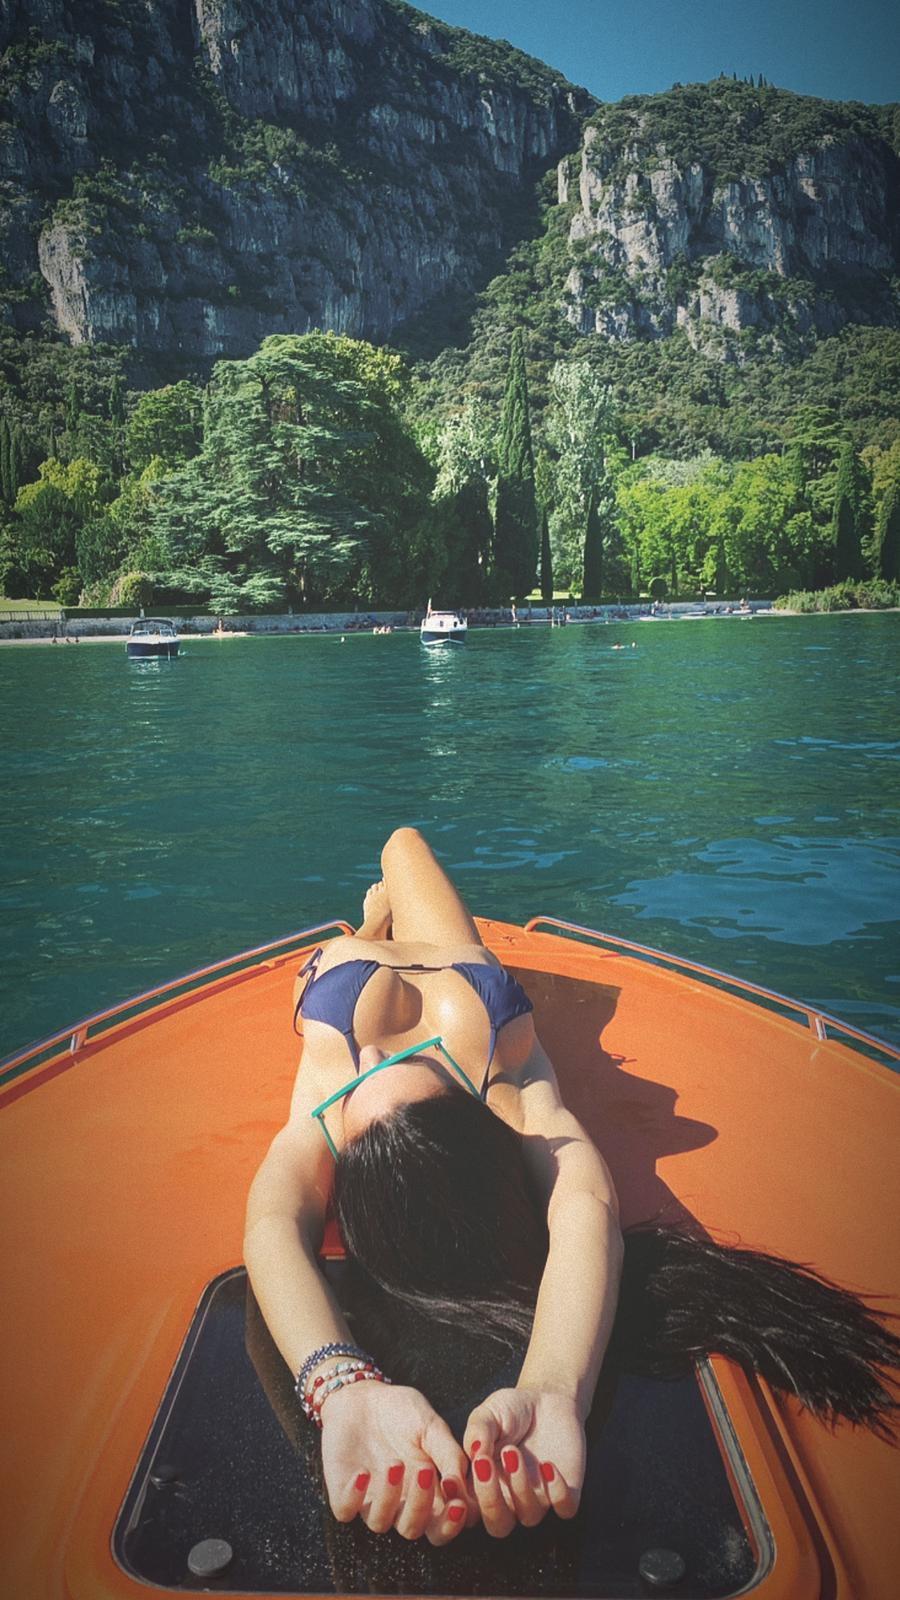 Erjona Sulejmani si prepara ad un'estate caliente sul lago di Garda: ecco le foto bollenti della modella albanese in barca.